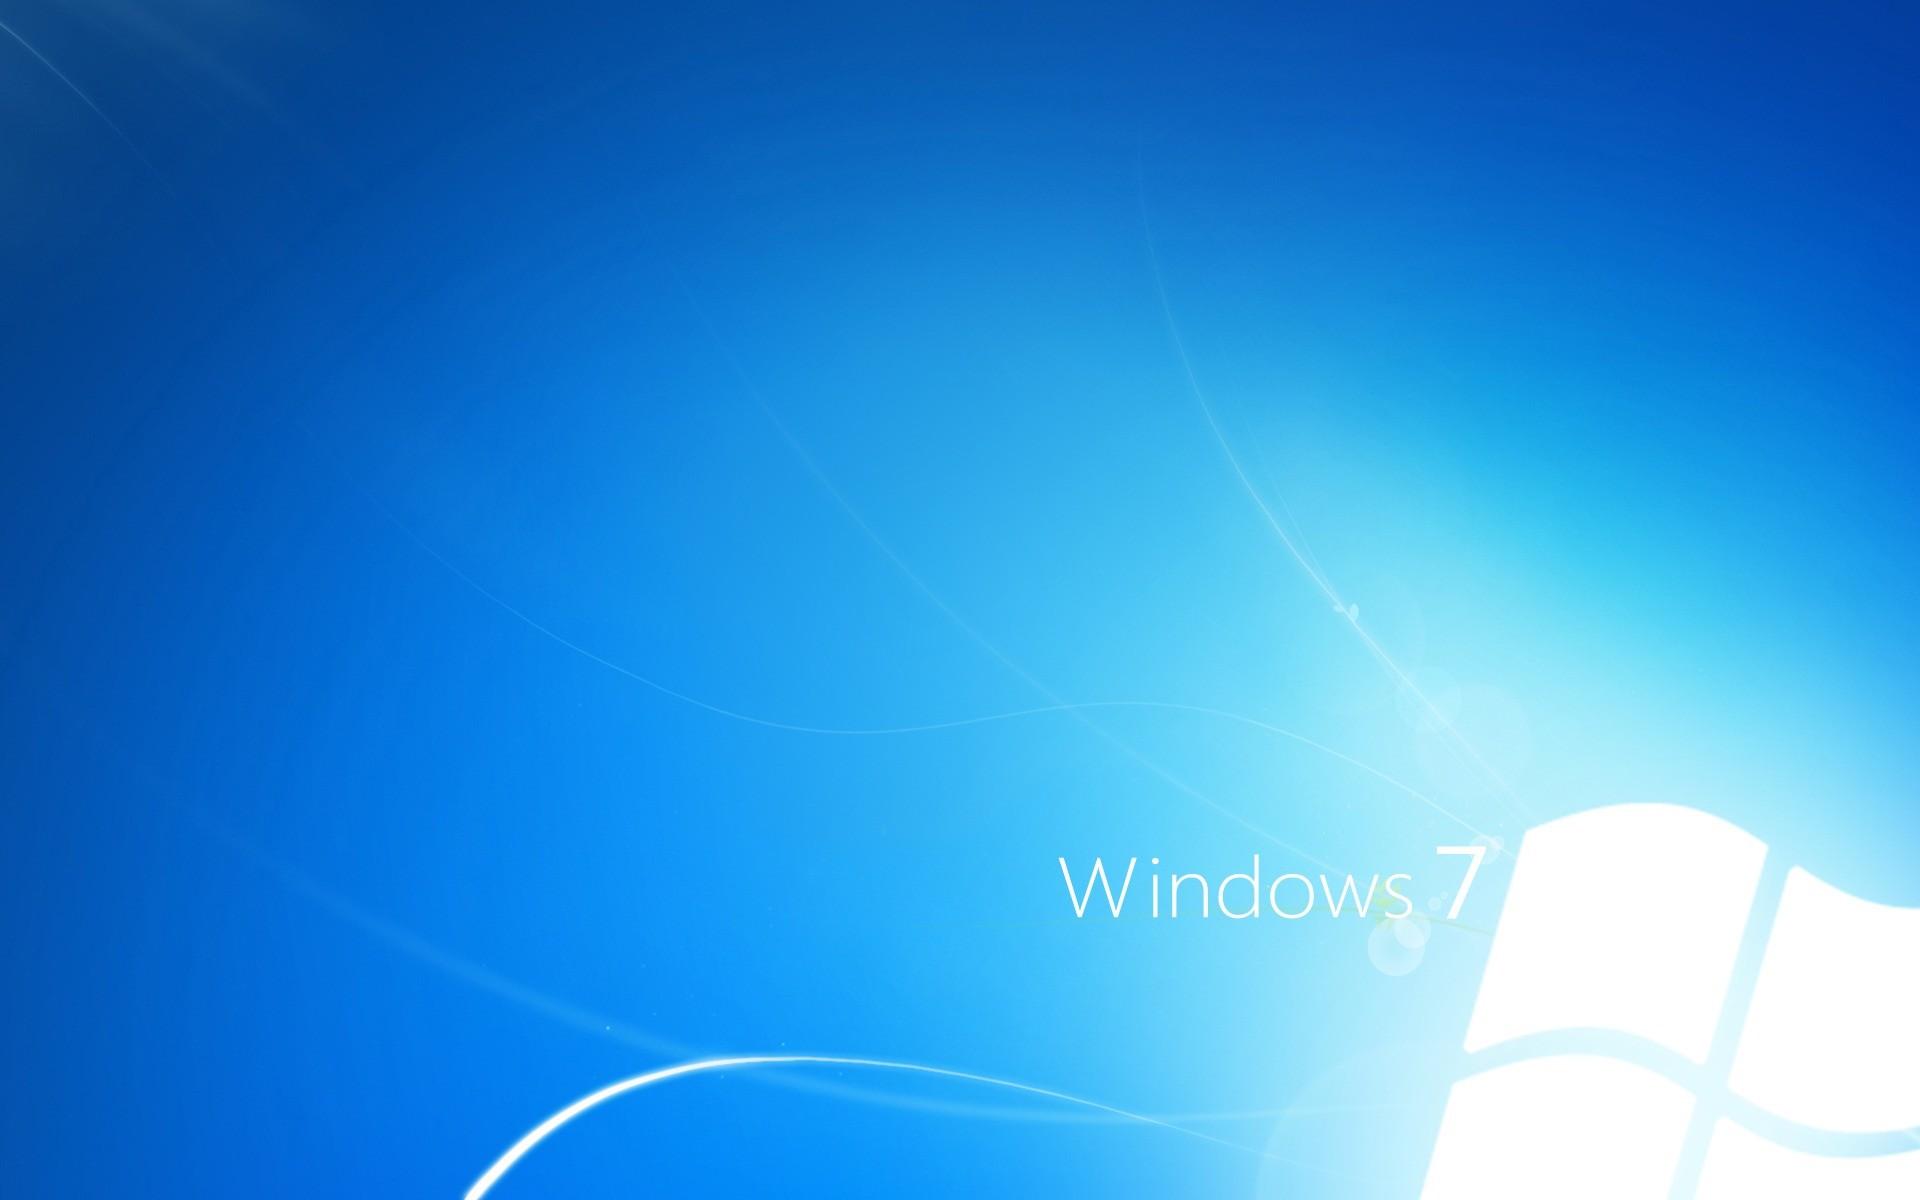 Windows 7 Light Blue Wallpaper Windows Seven Computers